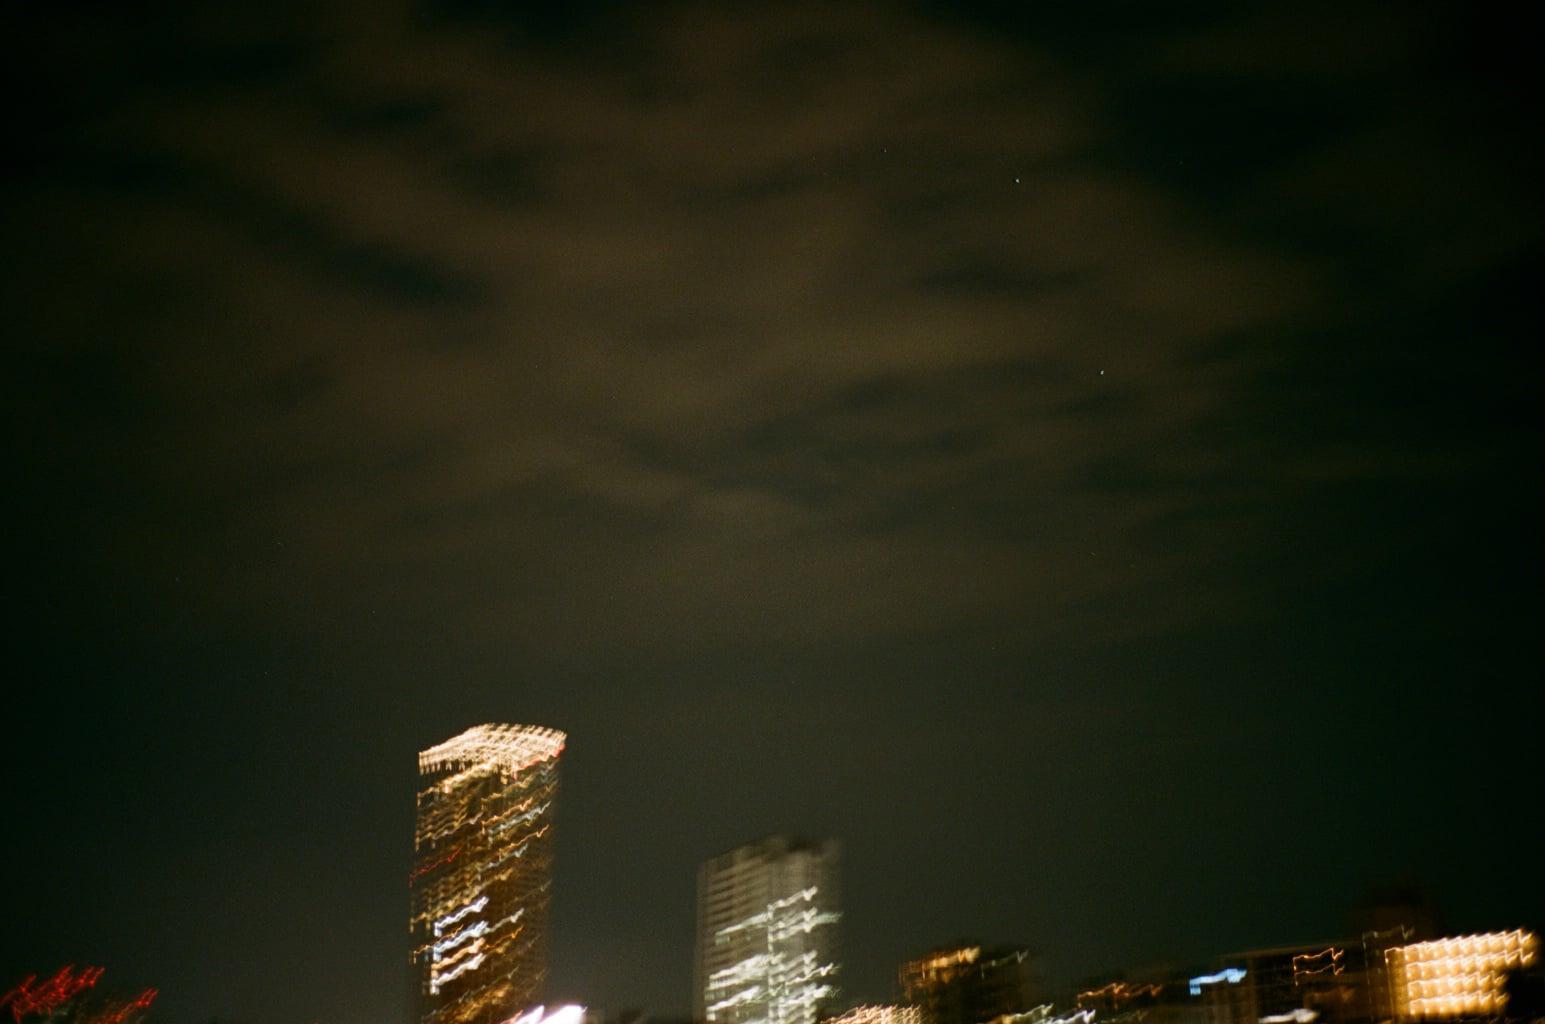 満月よりも明るい光が地上に瞬く東京で十五夜を探す